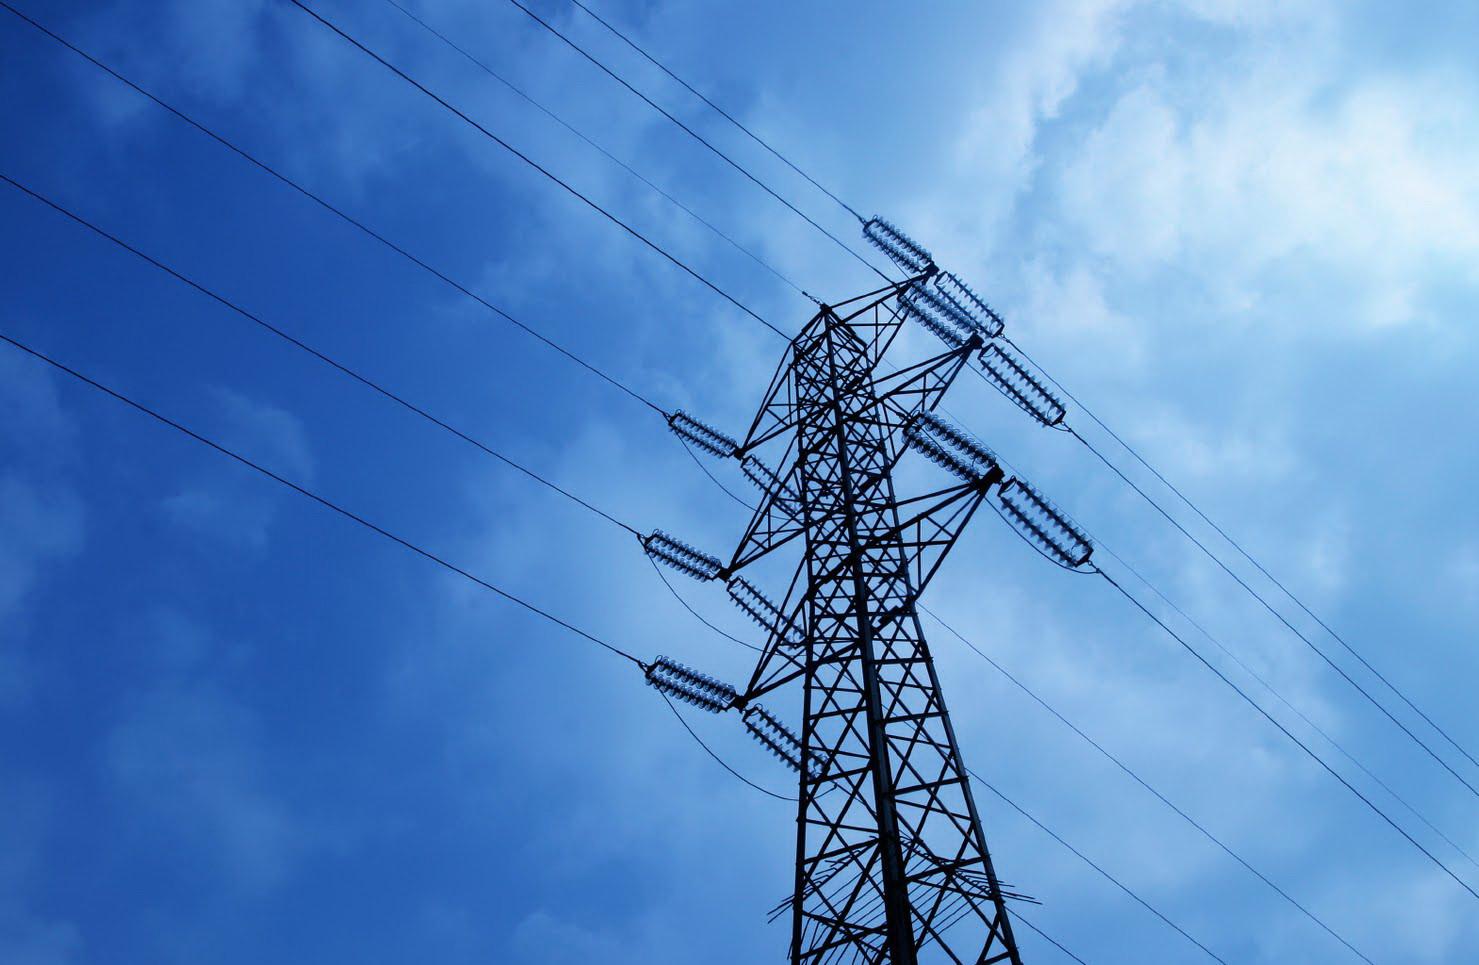 Повышение тарифов ФСК несвязано споставками электричества вЛНР— Минэнерго